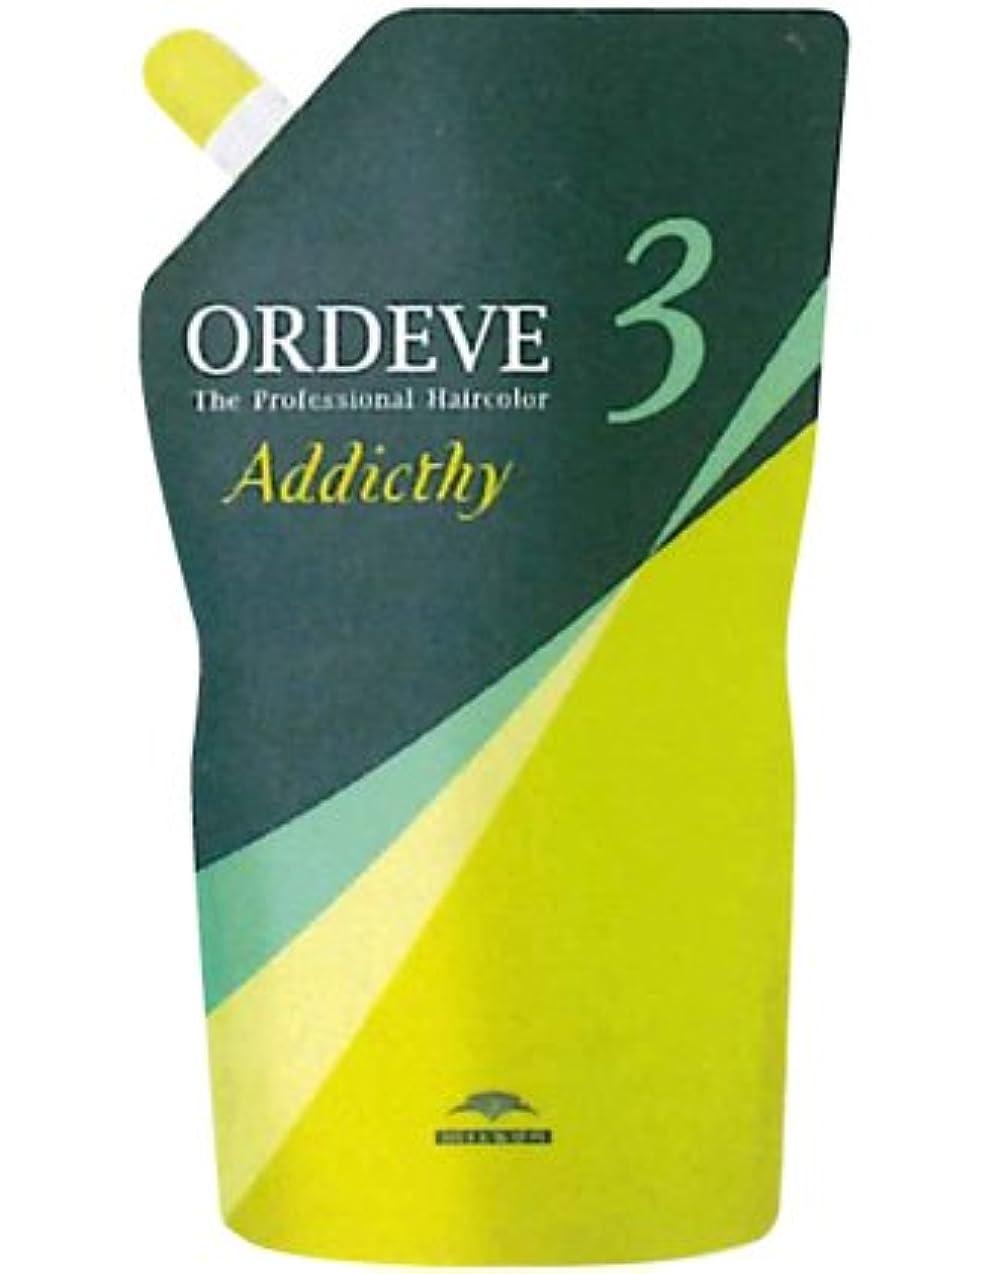 望み風が強い思いつくミルボン オルディーブ アディクシー 2剤 オキシダン 3.0% 1000ml